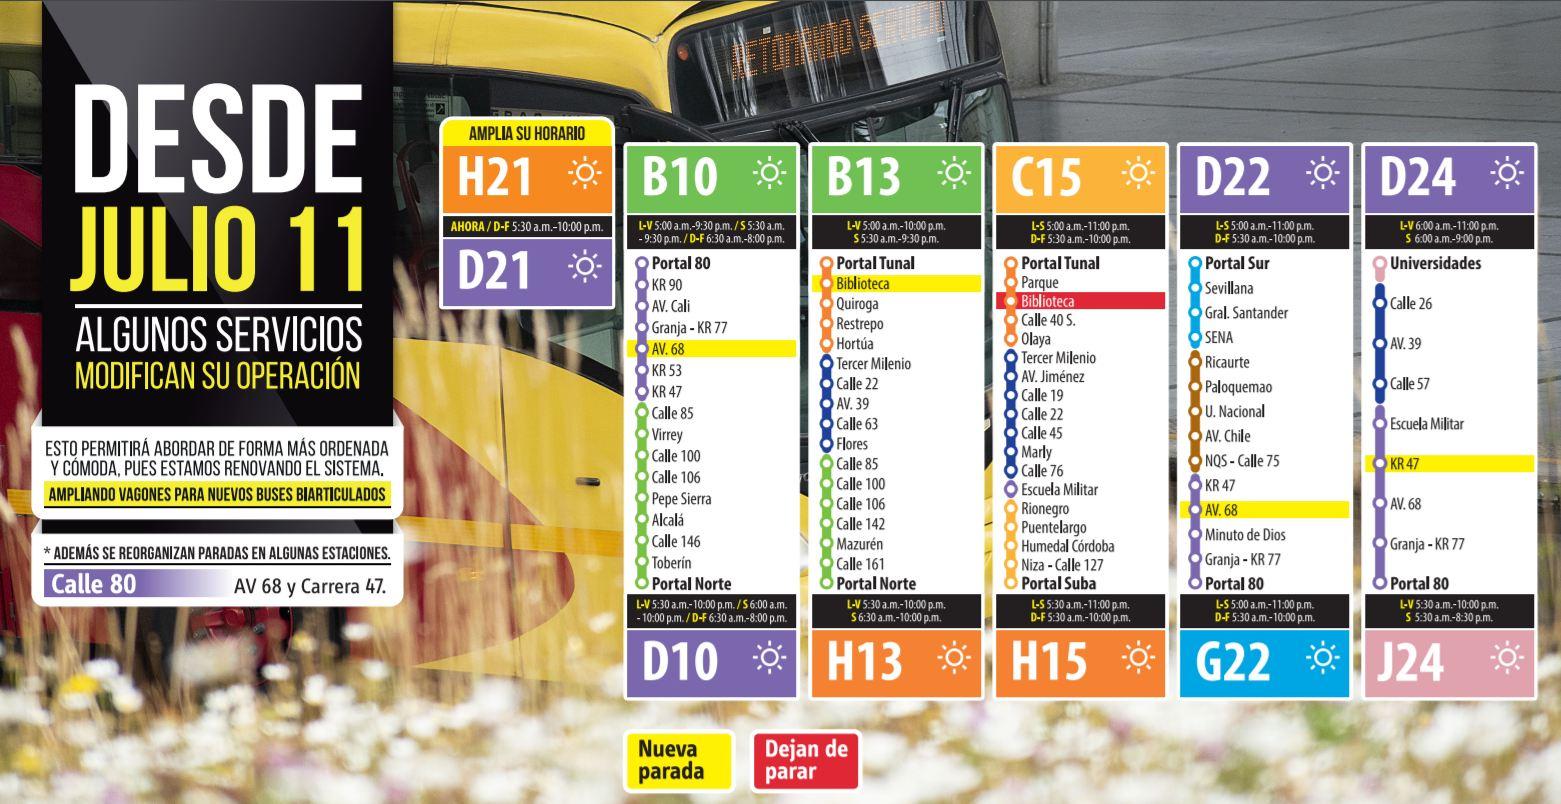 Cambios operacionales de rutas troncales: H21-D21, B10-D10, B13-H13, C15-H15, D22-G22, D24-J24